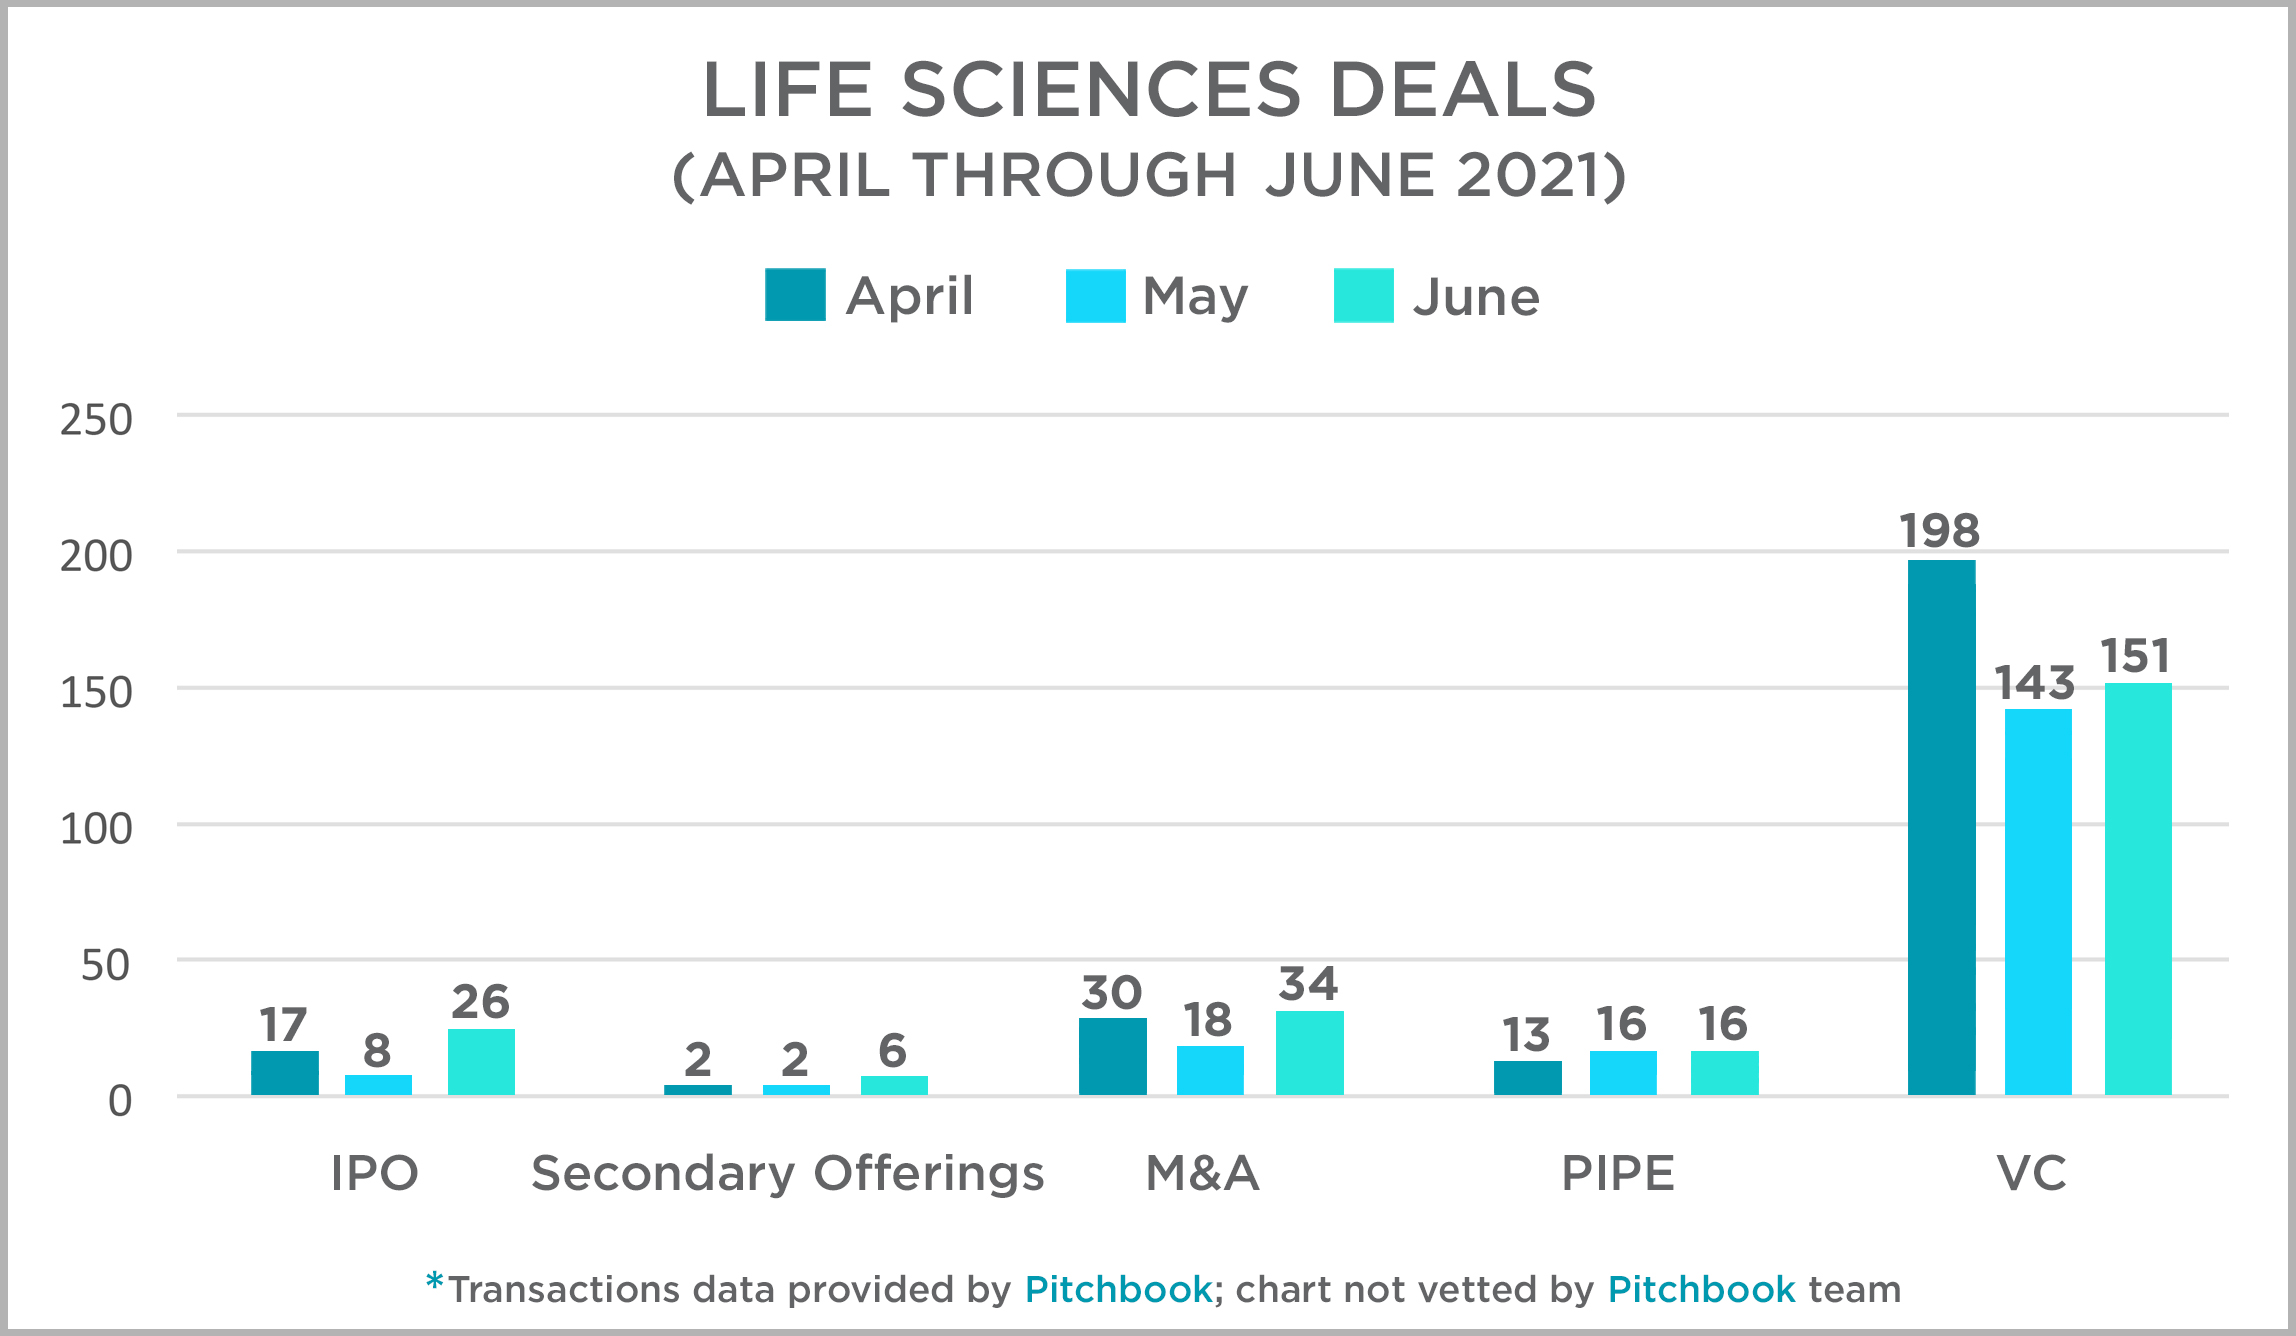 Life Sciences Deals April - June 2021